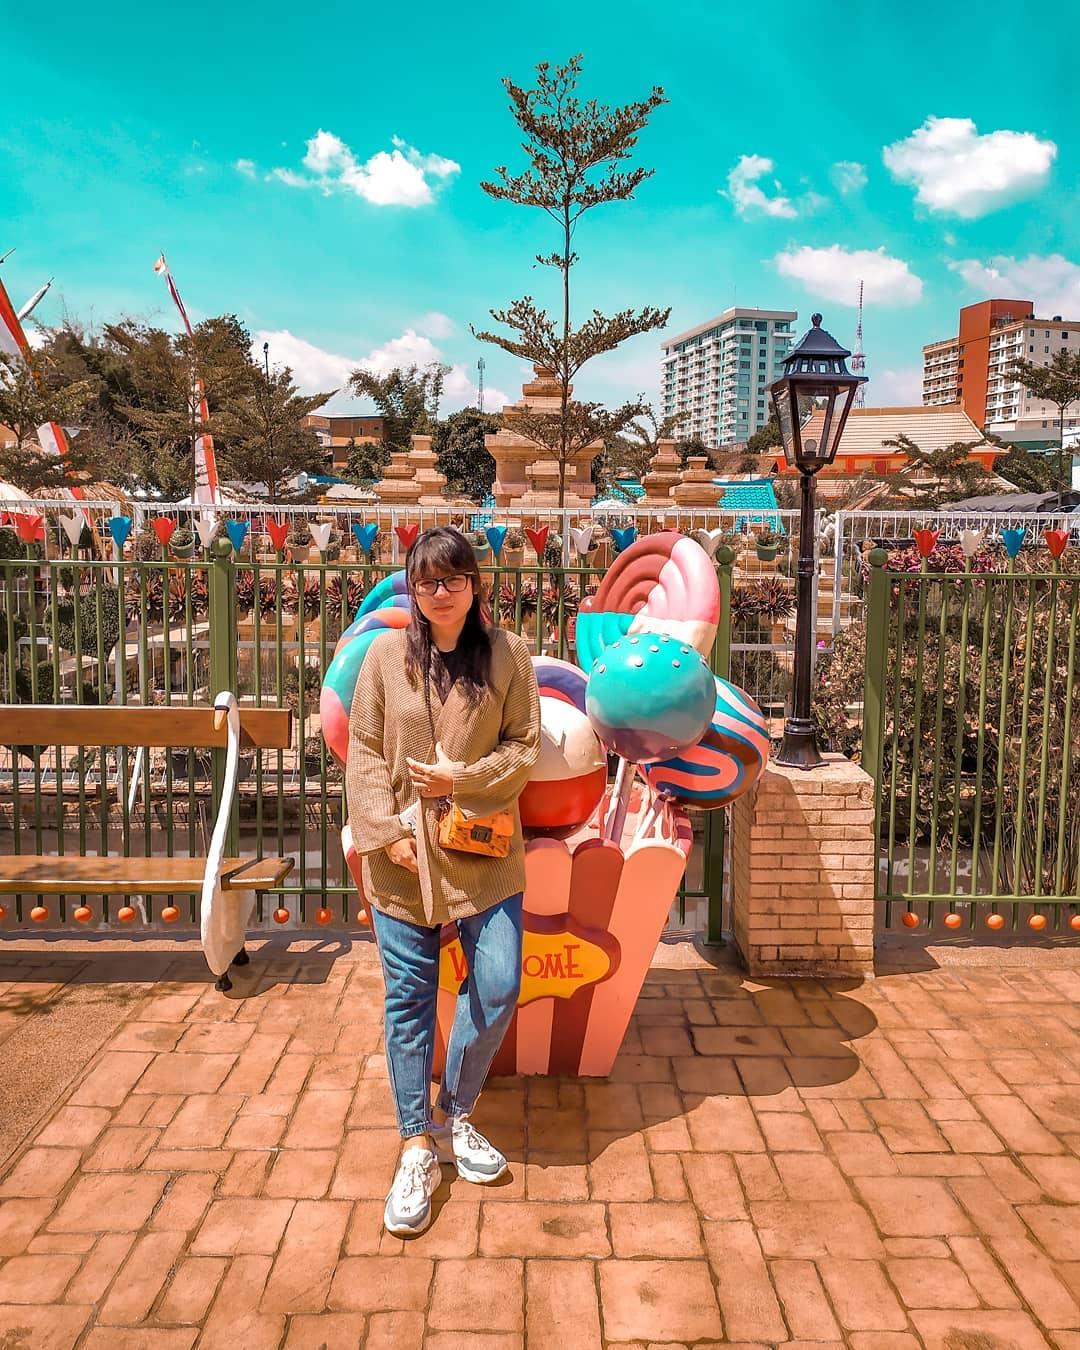 Inilah 10 Wahana pilihan yang apik di Jatim Park 3 - 24 Travel